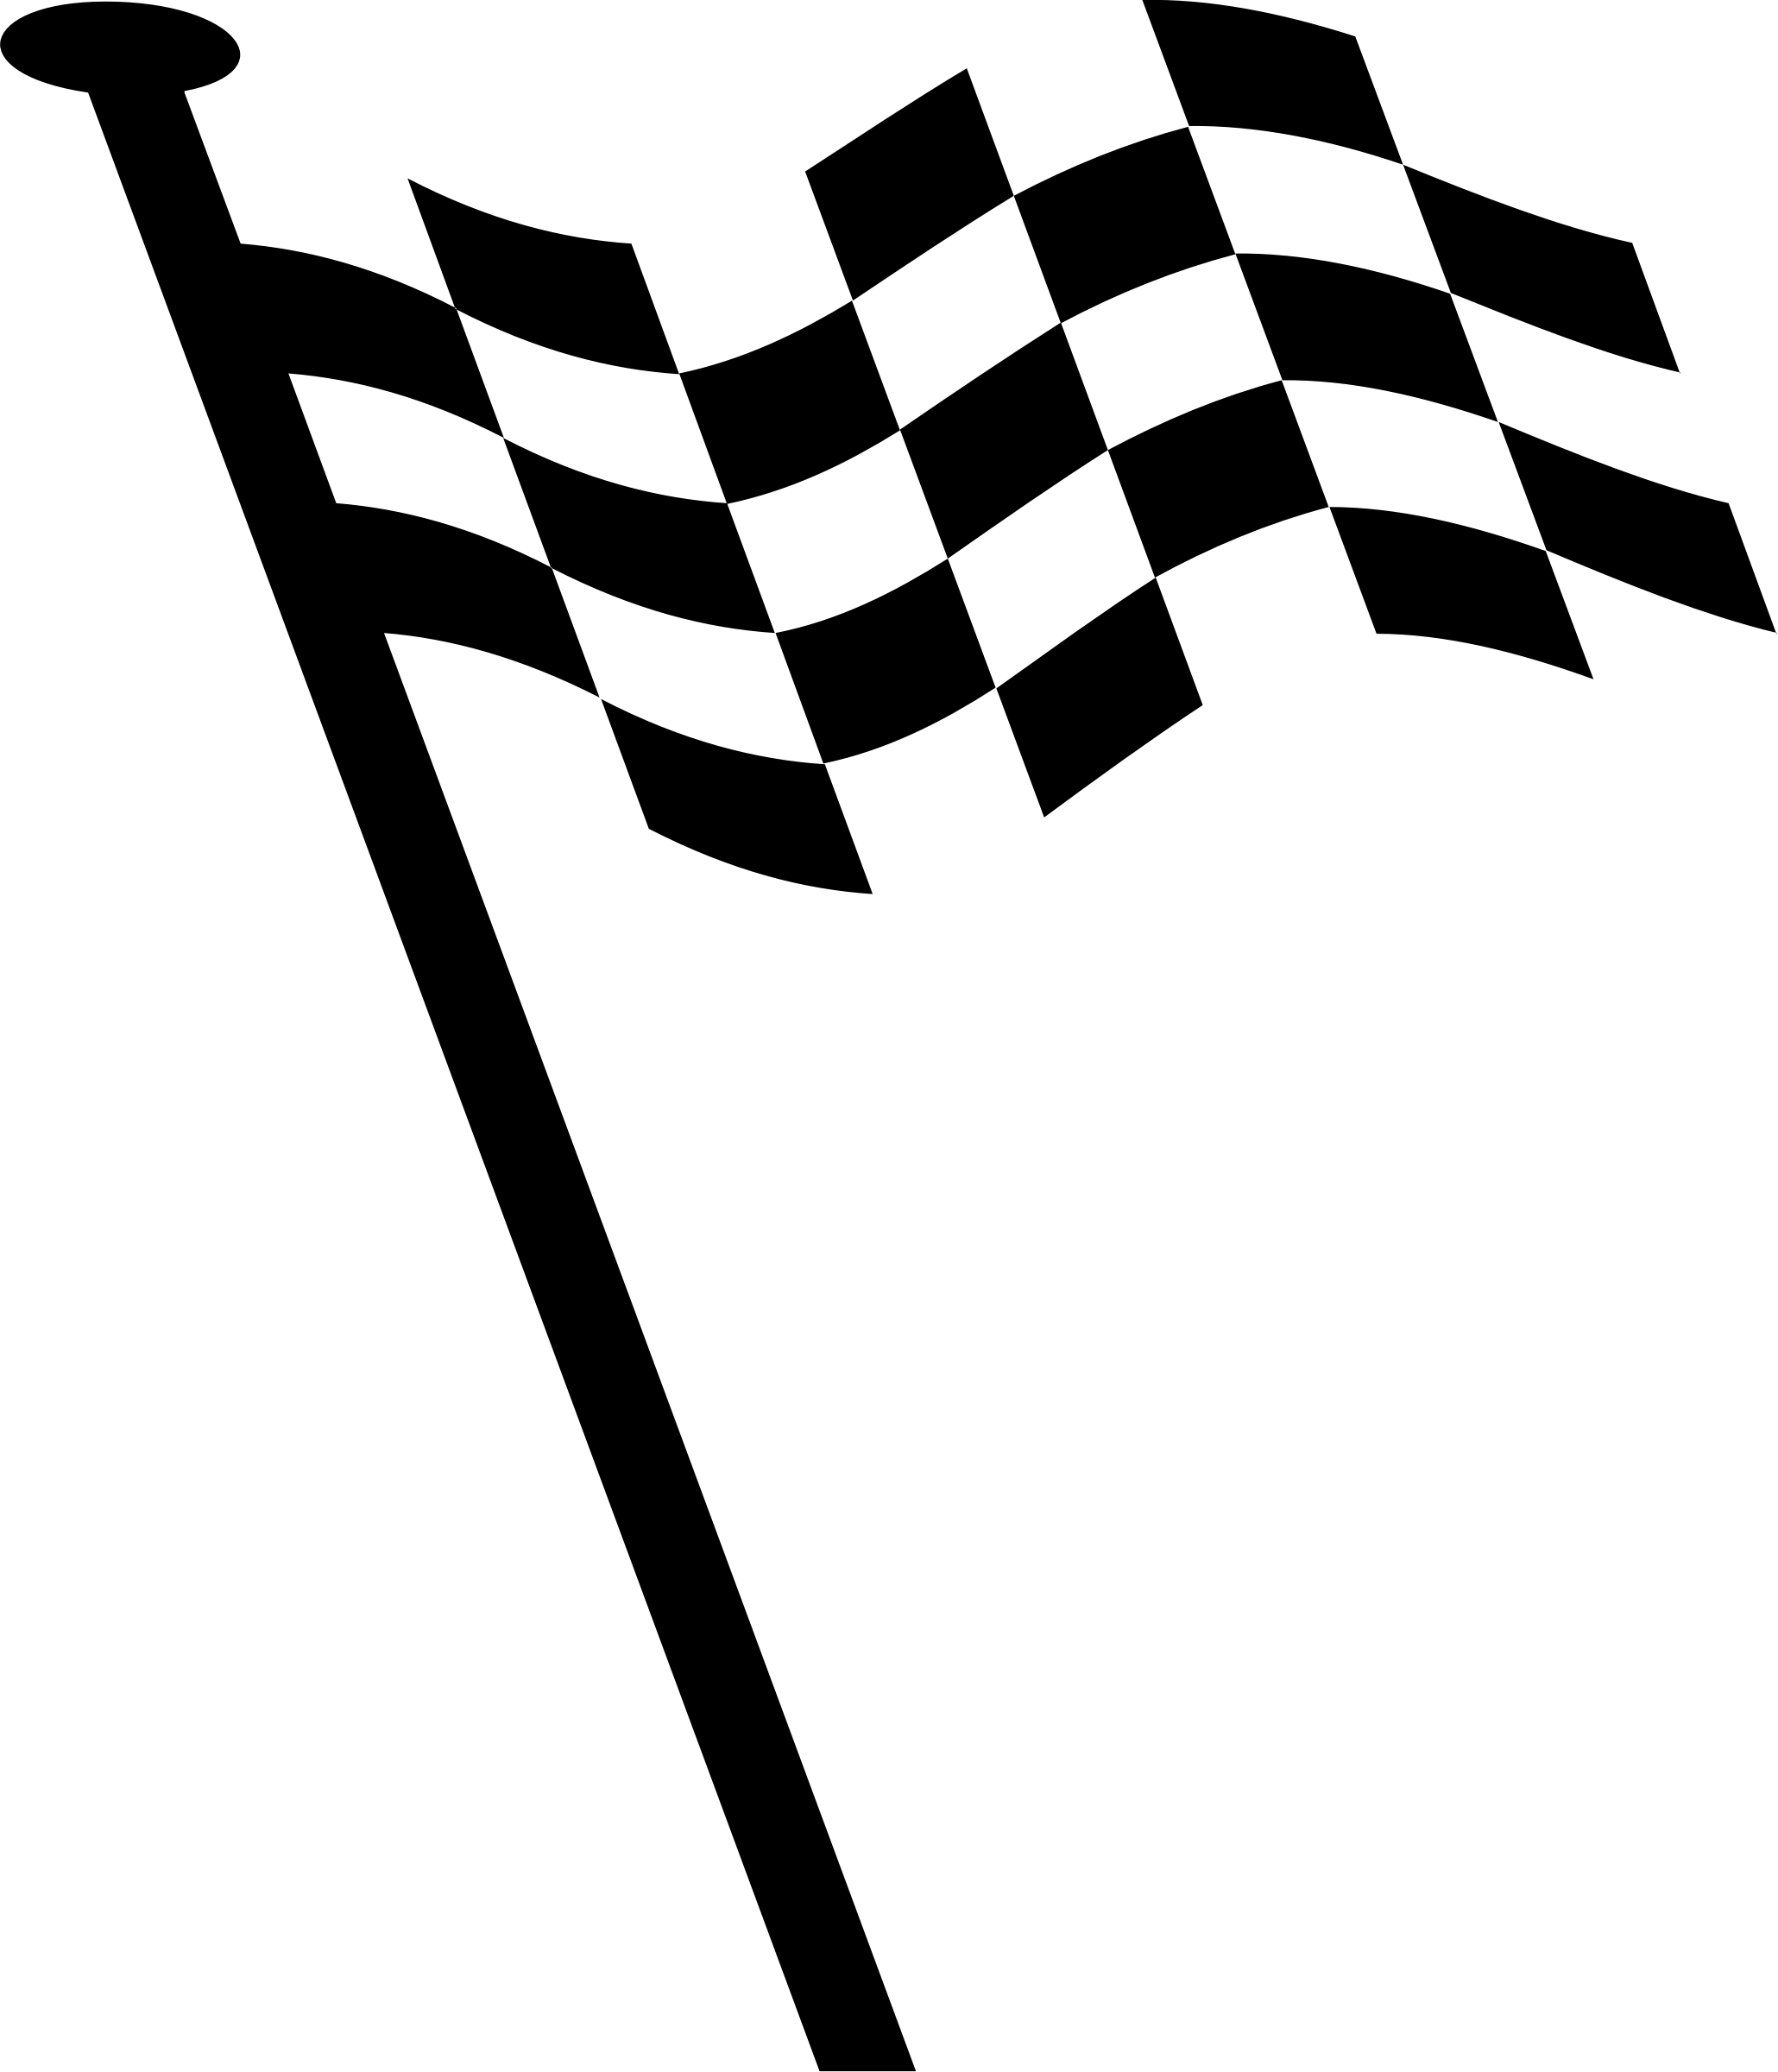 Race Flags Transparent